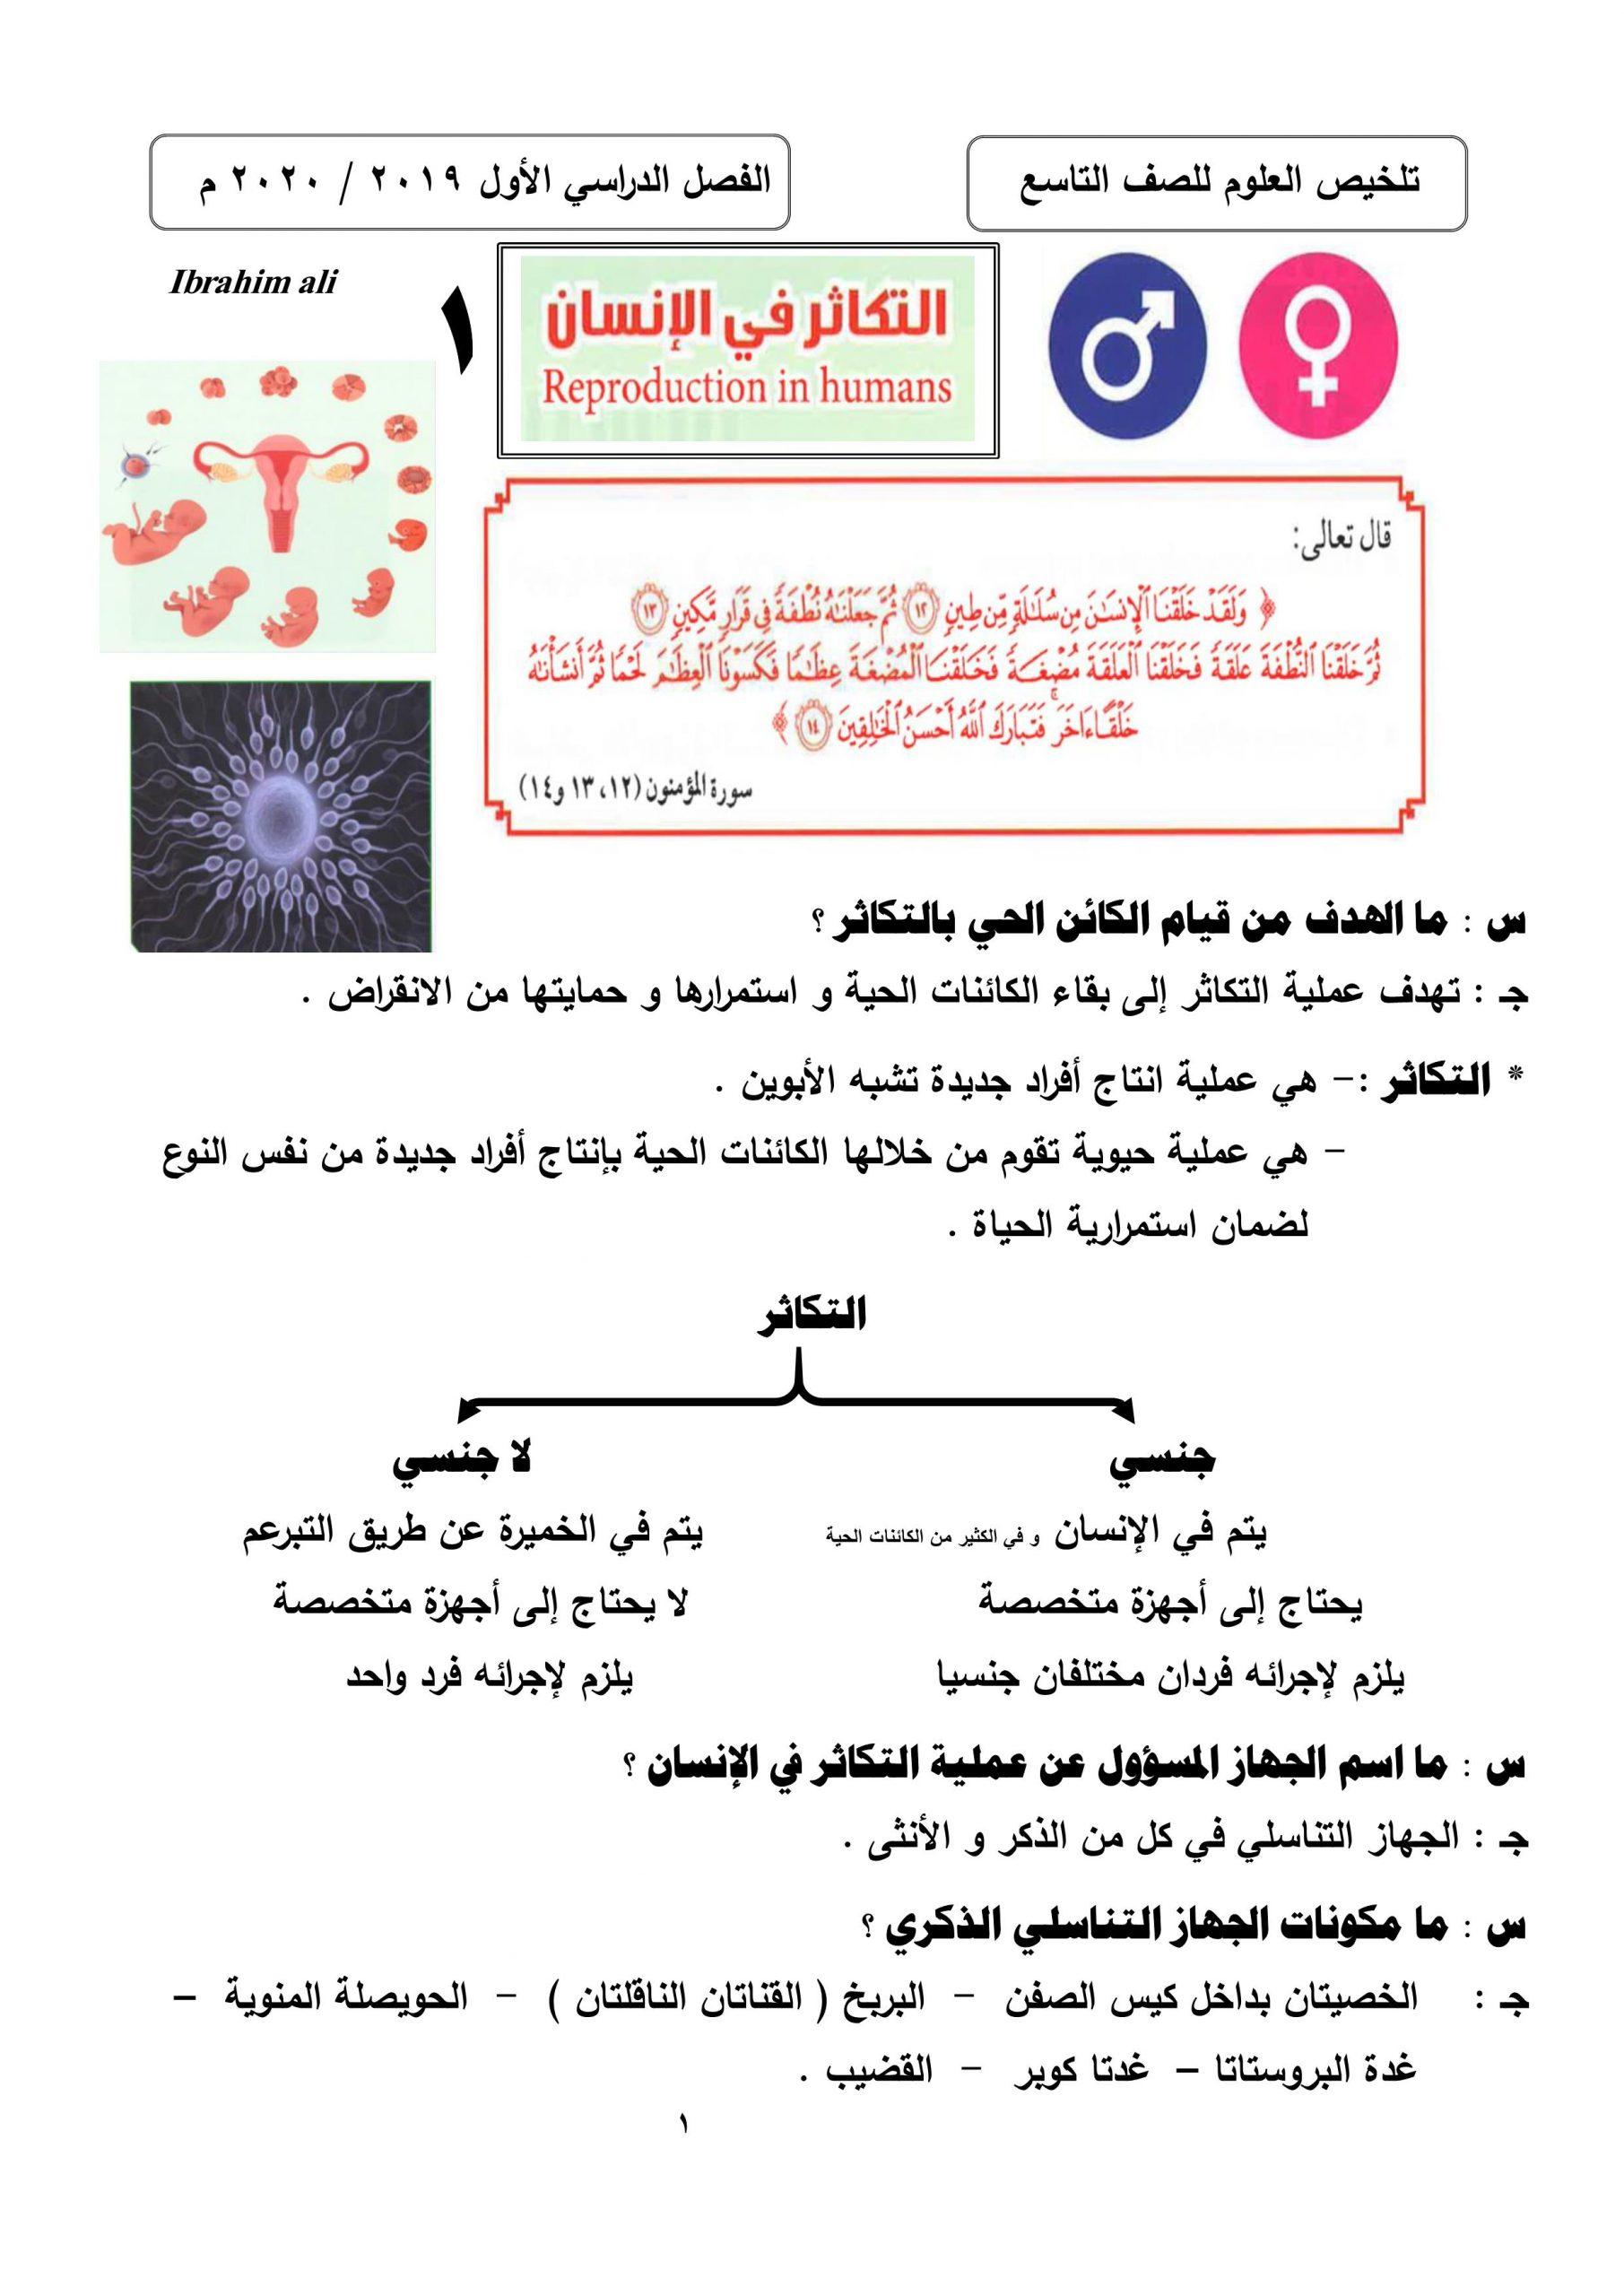 ملخص شامل الفصل الدراسي الاول الصف التاسع مادة العلوم المتكاملة